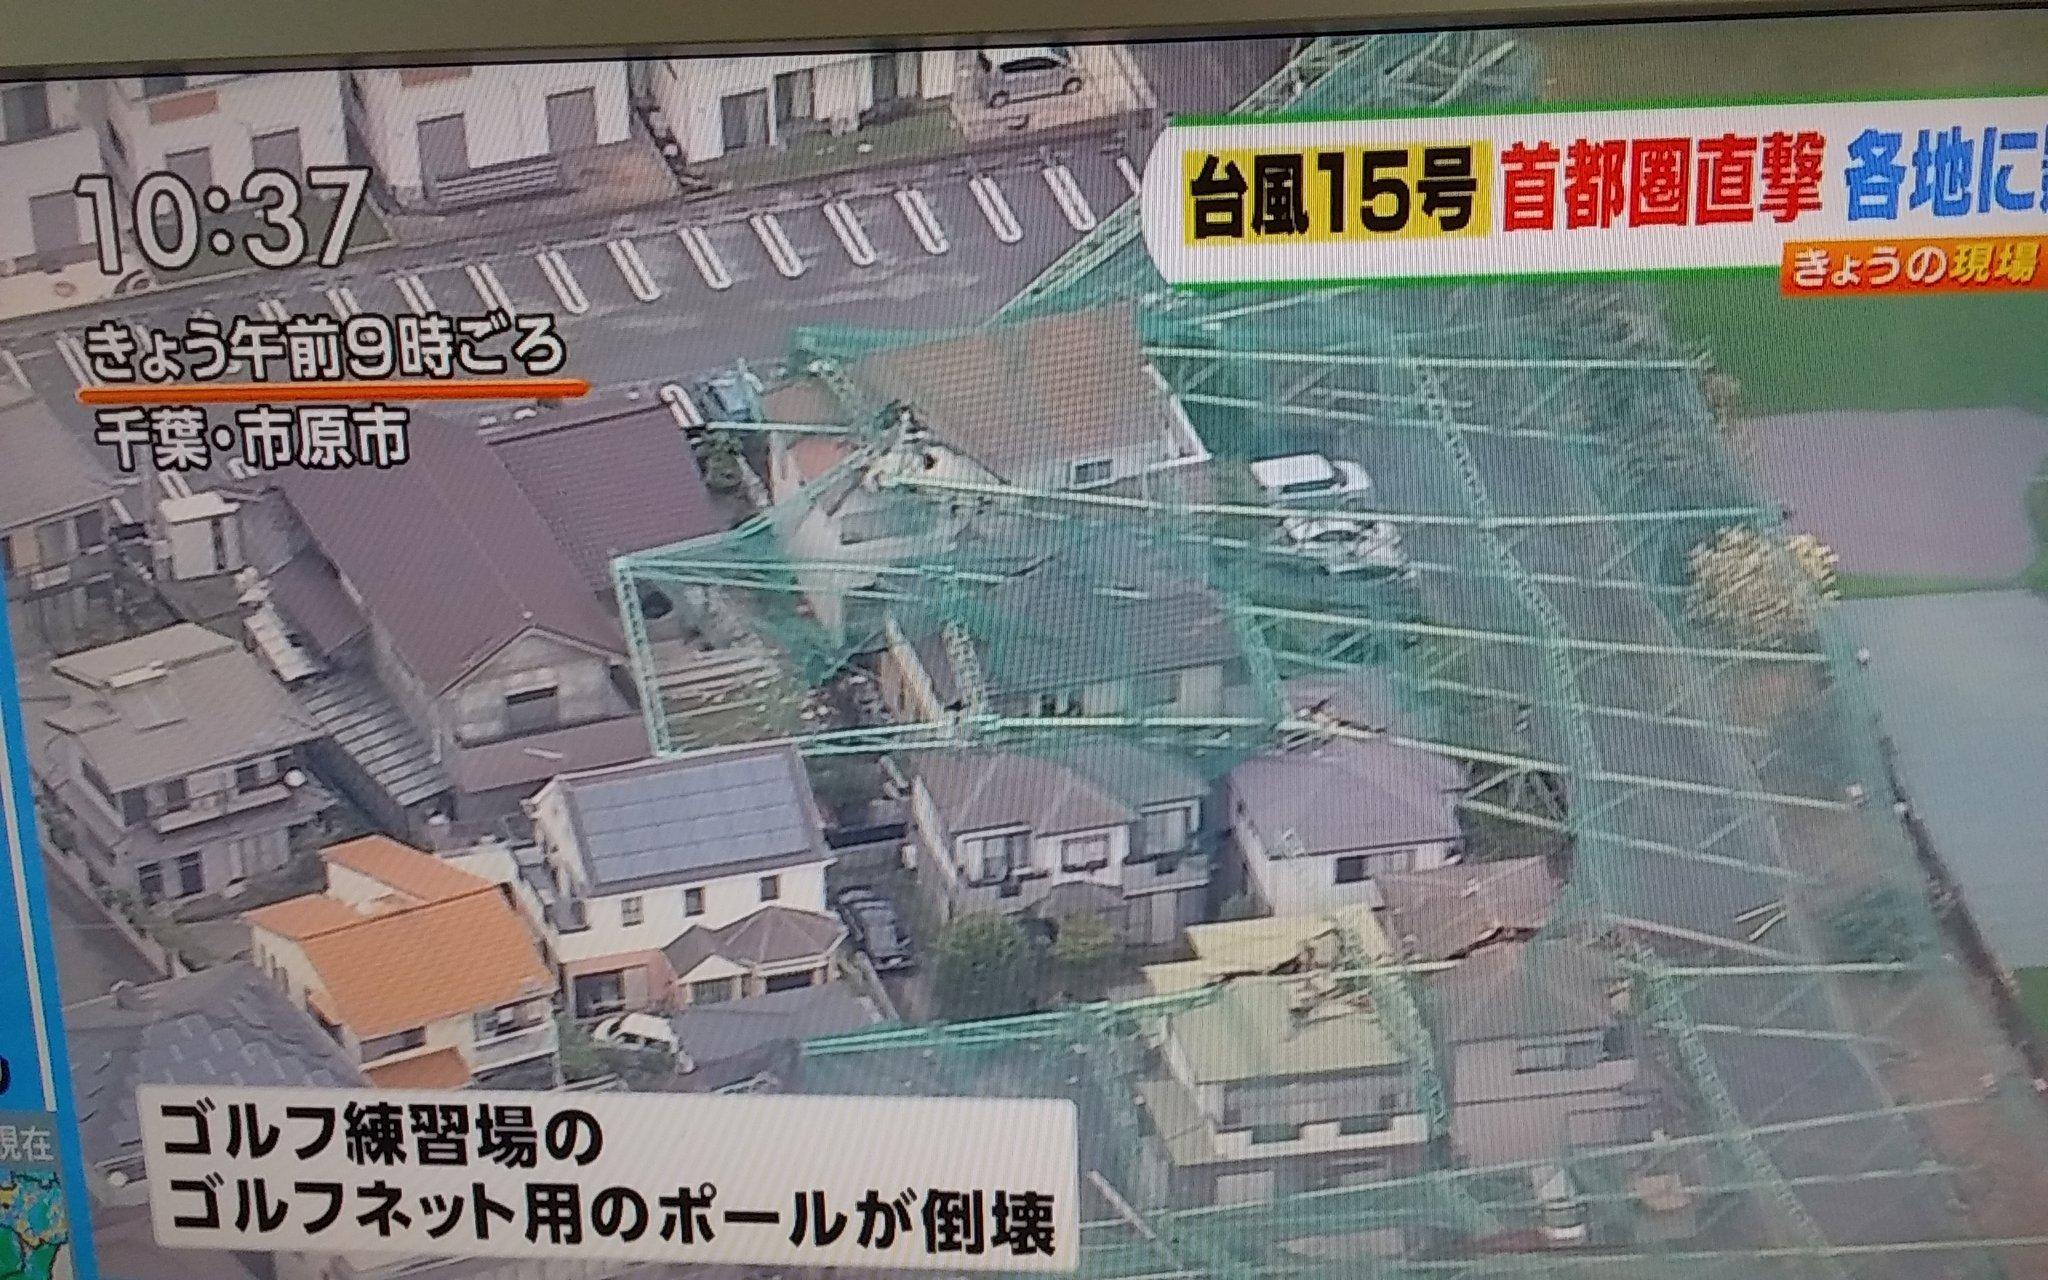 台風 ゴルフ 場 千葉